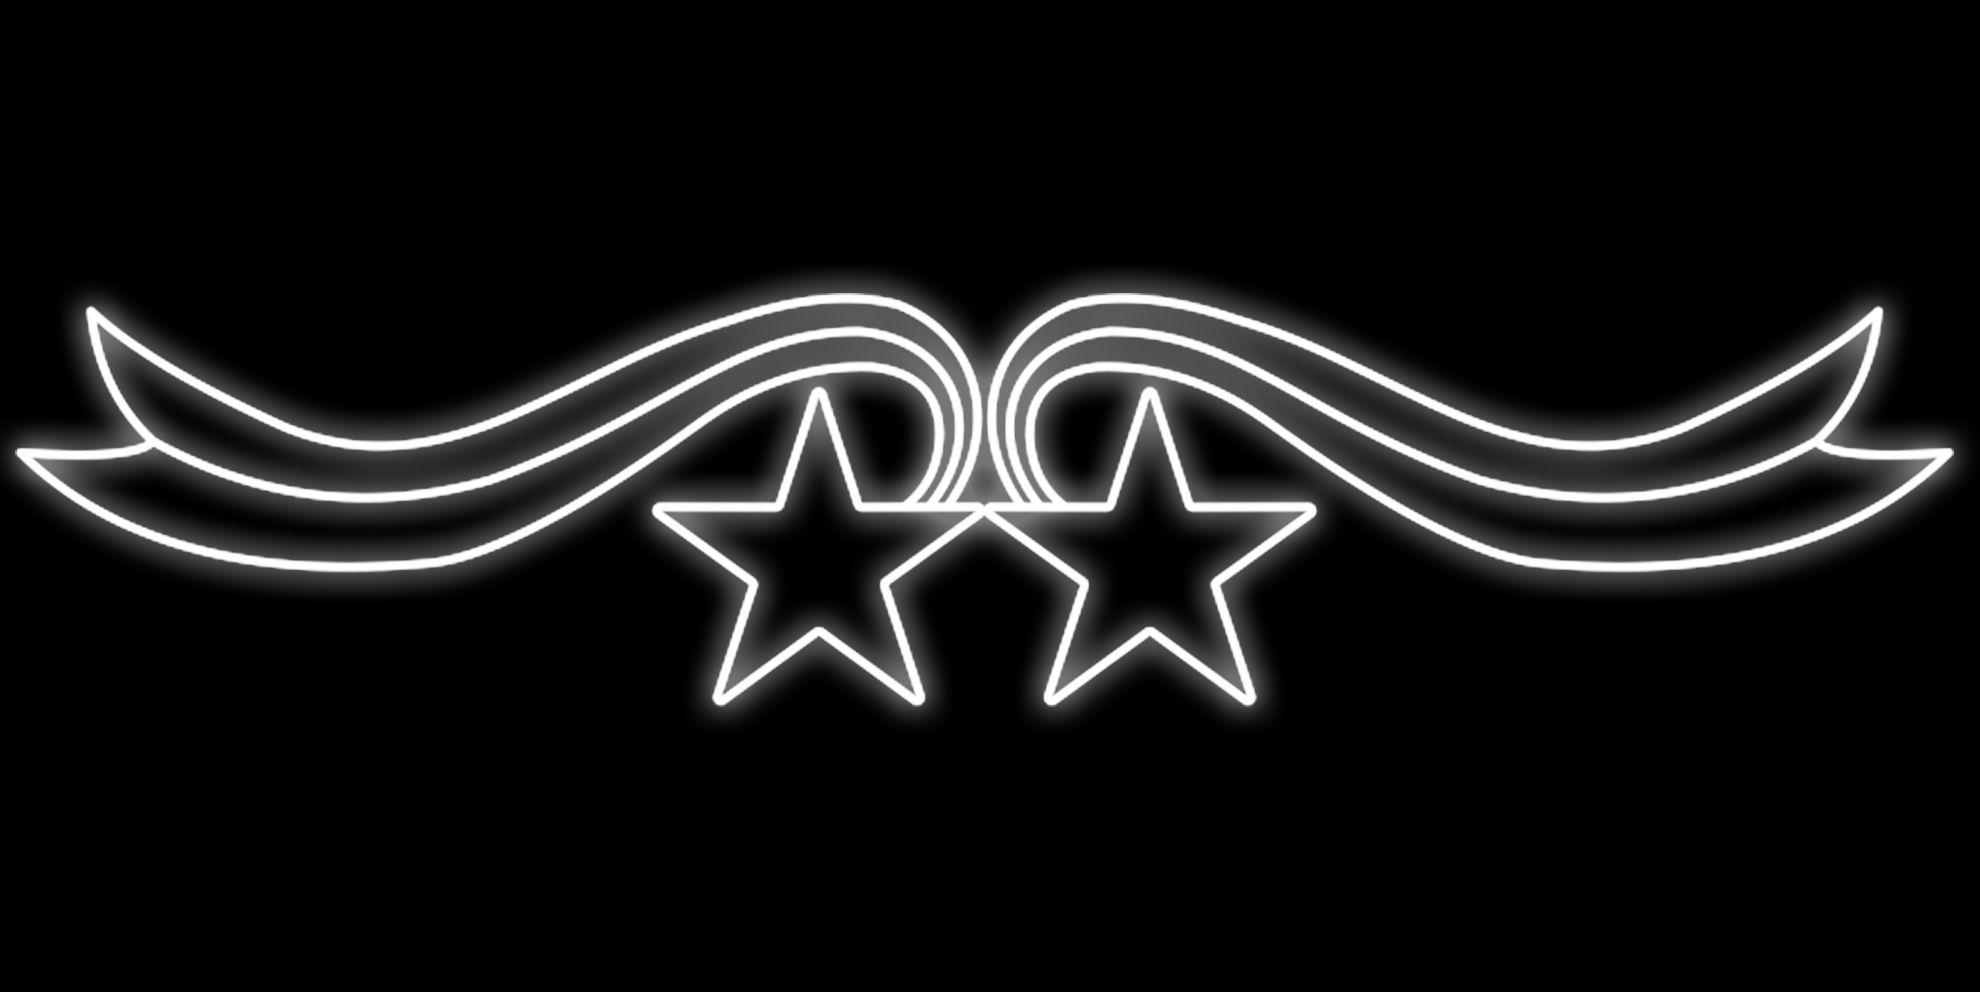 PO-014 - Painel Iluminado Led Dupla Estrela - (Veja Opções Tamanhos)